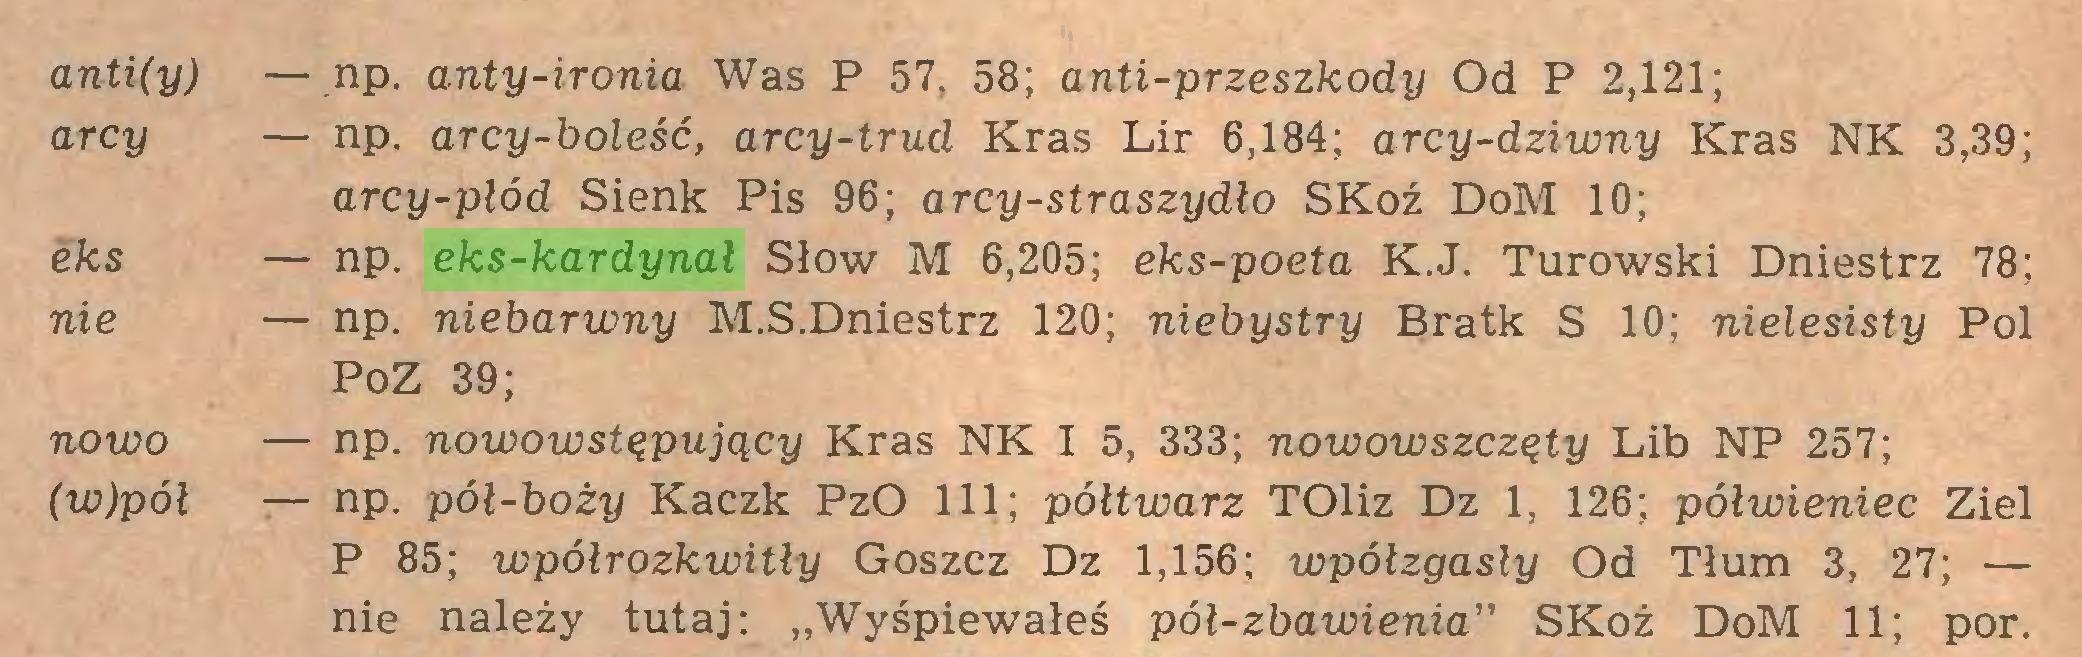 """(...) anti(y) — np. anty-ironia Was P 57, 58; anti-przeszkody Od P 2,121; arcy — np. arcy-boleść, arcy-trud Kras Lir 6,184; arcy-dziwny Kras NK 3,39; arcy-płód Sienk Pis 96; arcy-straszydło SKoź DoM 10; eks — np. eks-kardynał Słów M 6,205; eks-poeta K.J. Turowski Dniestrz 78; nie — np. niebarwny M.S.Dniestrz 120; niebystry Bratk S 10; nielesisty Pol PoZ 39; noioo — np. nowowstępujący Kras NK I 5, 333; nowowszczęty Lib NP 257; (w)pół — np. pół-boży Kaczk PzO 111; póltwarz TOliz Dz 1, 126; pólwieniec Ziel P 85; wpółrozkwitły Goszcz Dz 1,156; wpółzgasły Od Tłum 3, 27; — nie należy tutaj: """"Wyśpiewałeś pół-zbawienia"""" SKoż DoM 11; por..."""